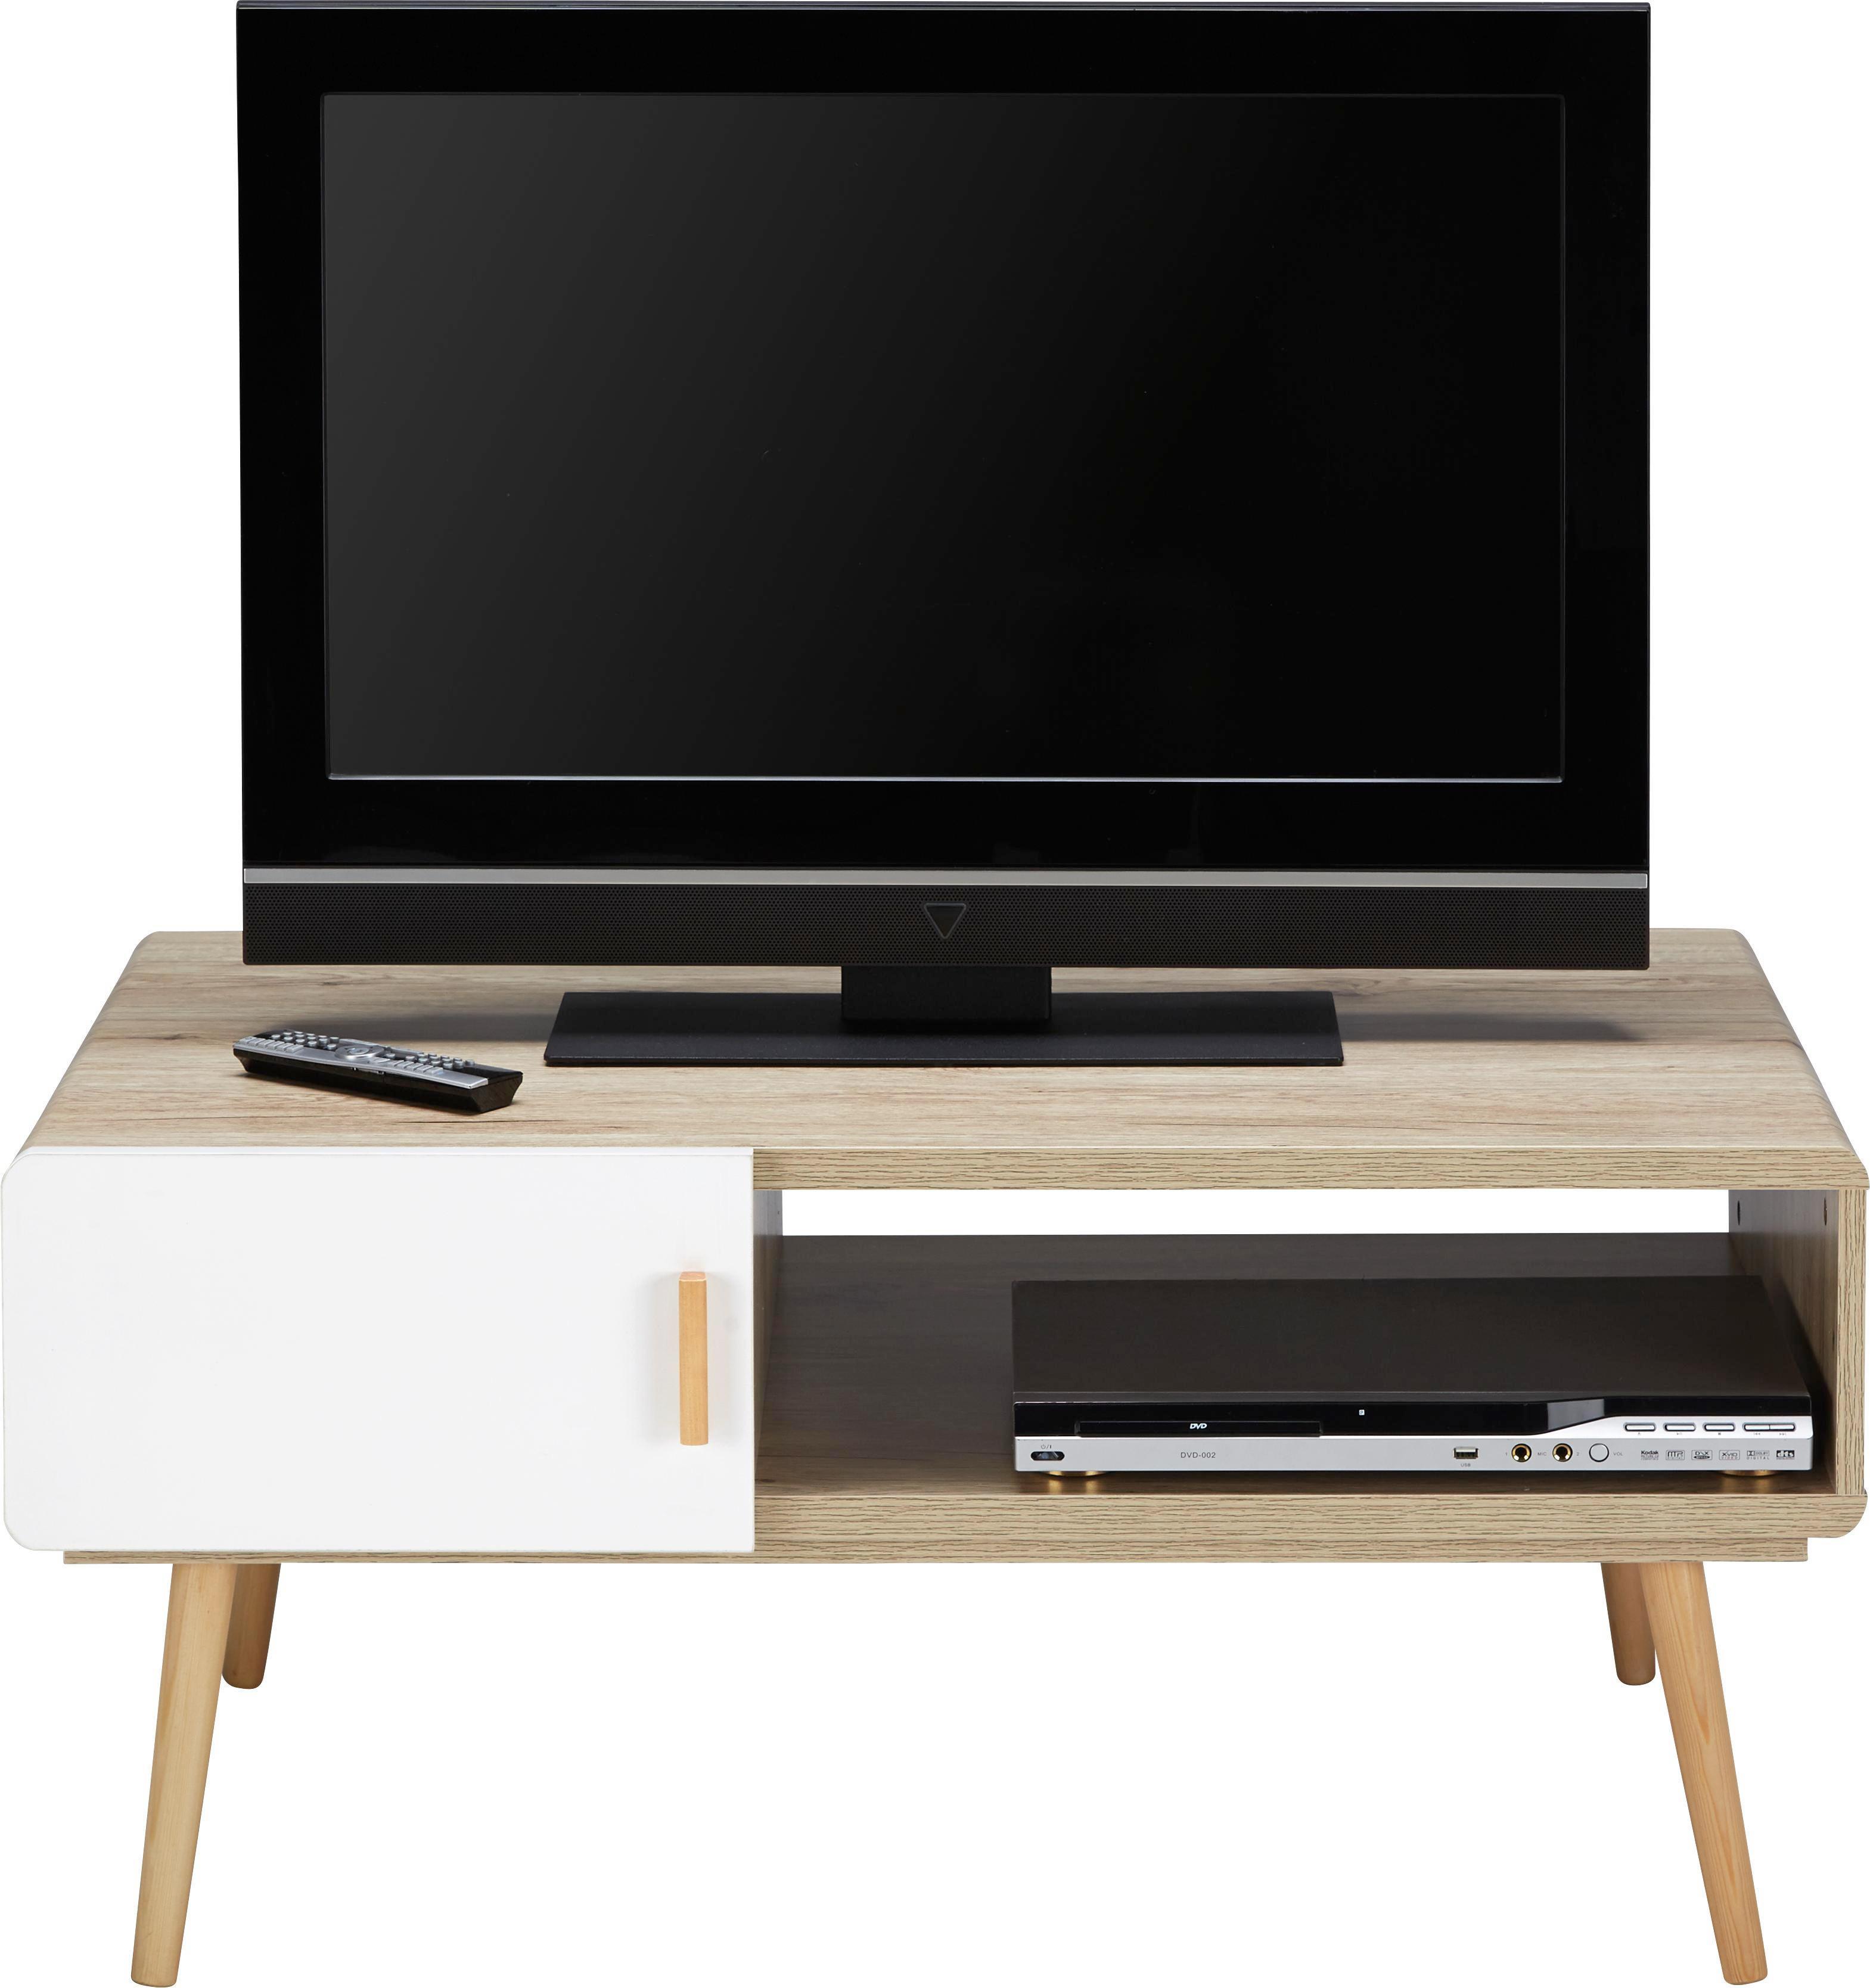 Fernsehschrank modern holz  Wohnwände & TV- Möbel jetzt entdecken | mömax